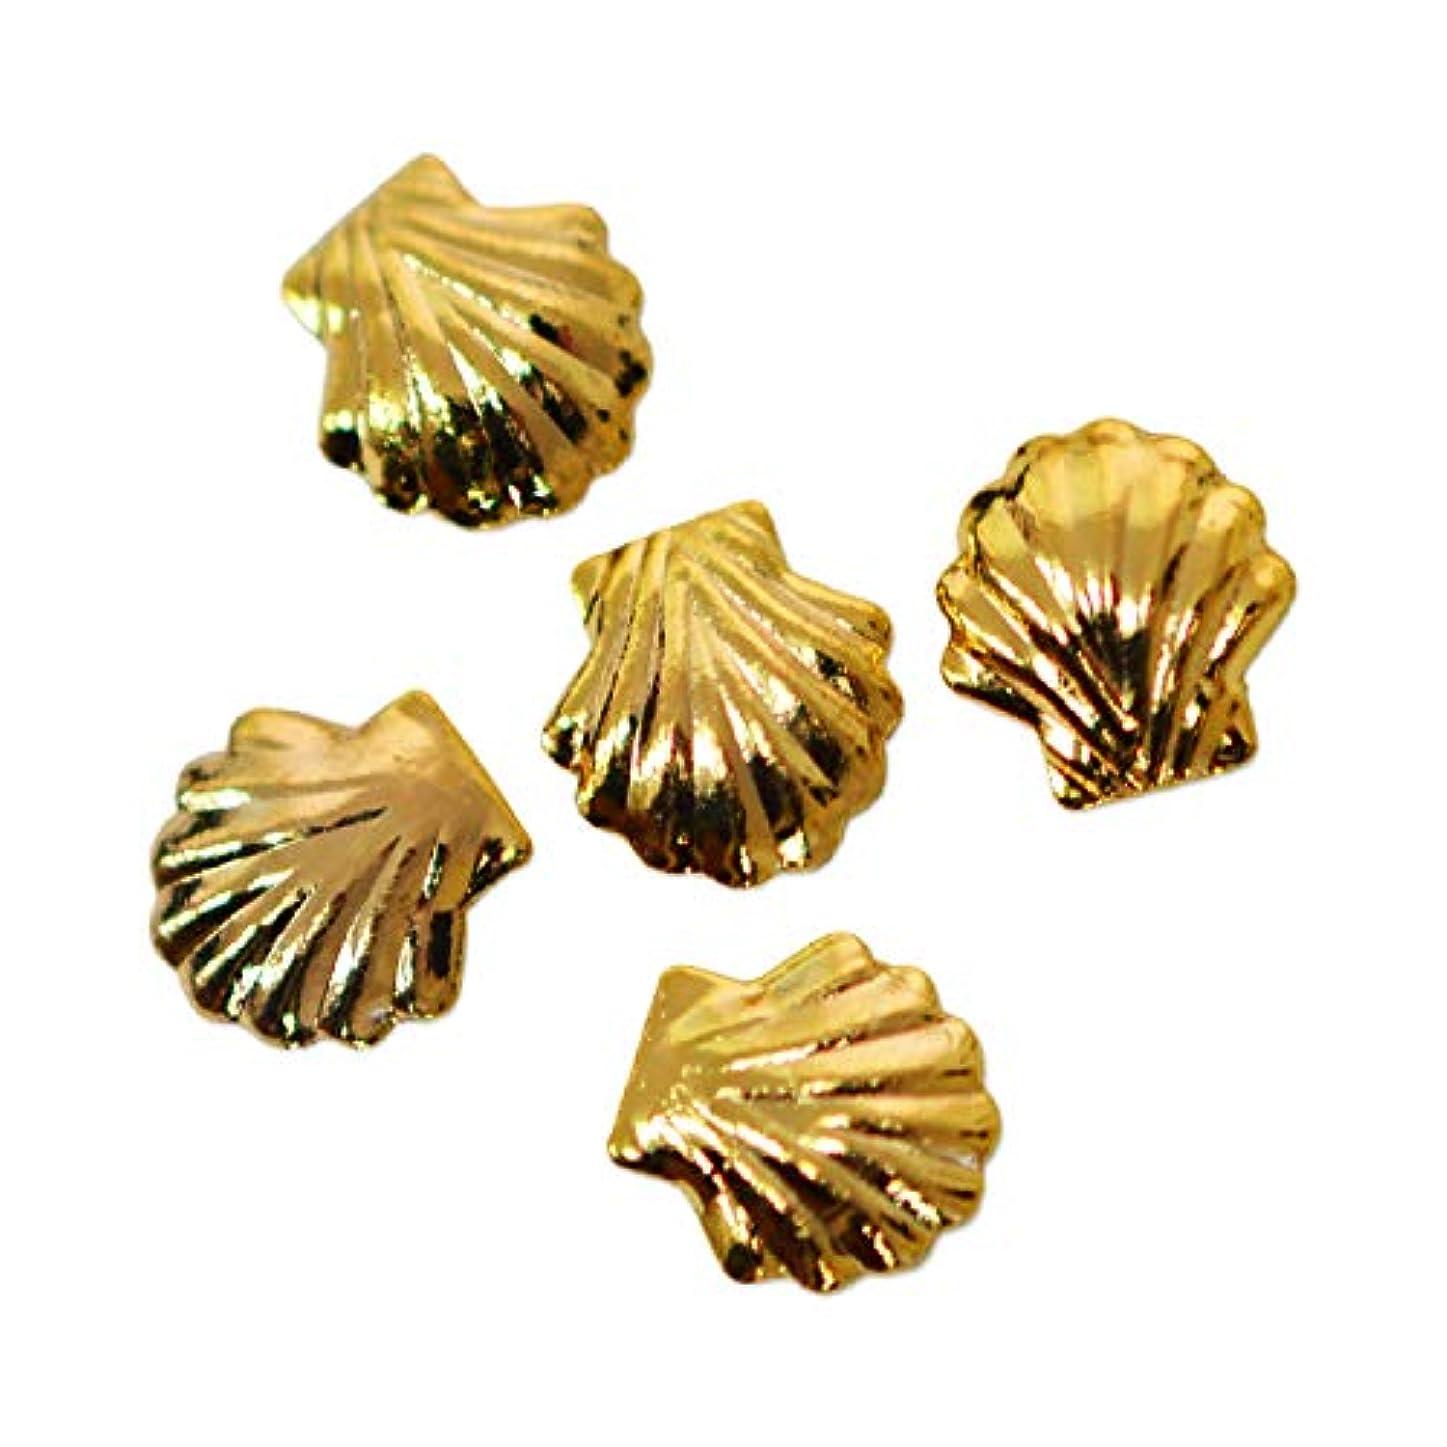 置換ために石膏メタルパーツ シェル ゴールド 5ミリ 30粒 ネイルパーツ 貝殻 メタルシェル シェルメタル gold